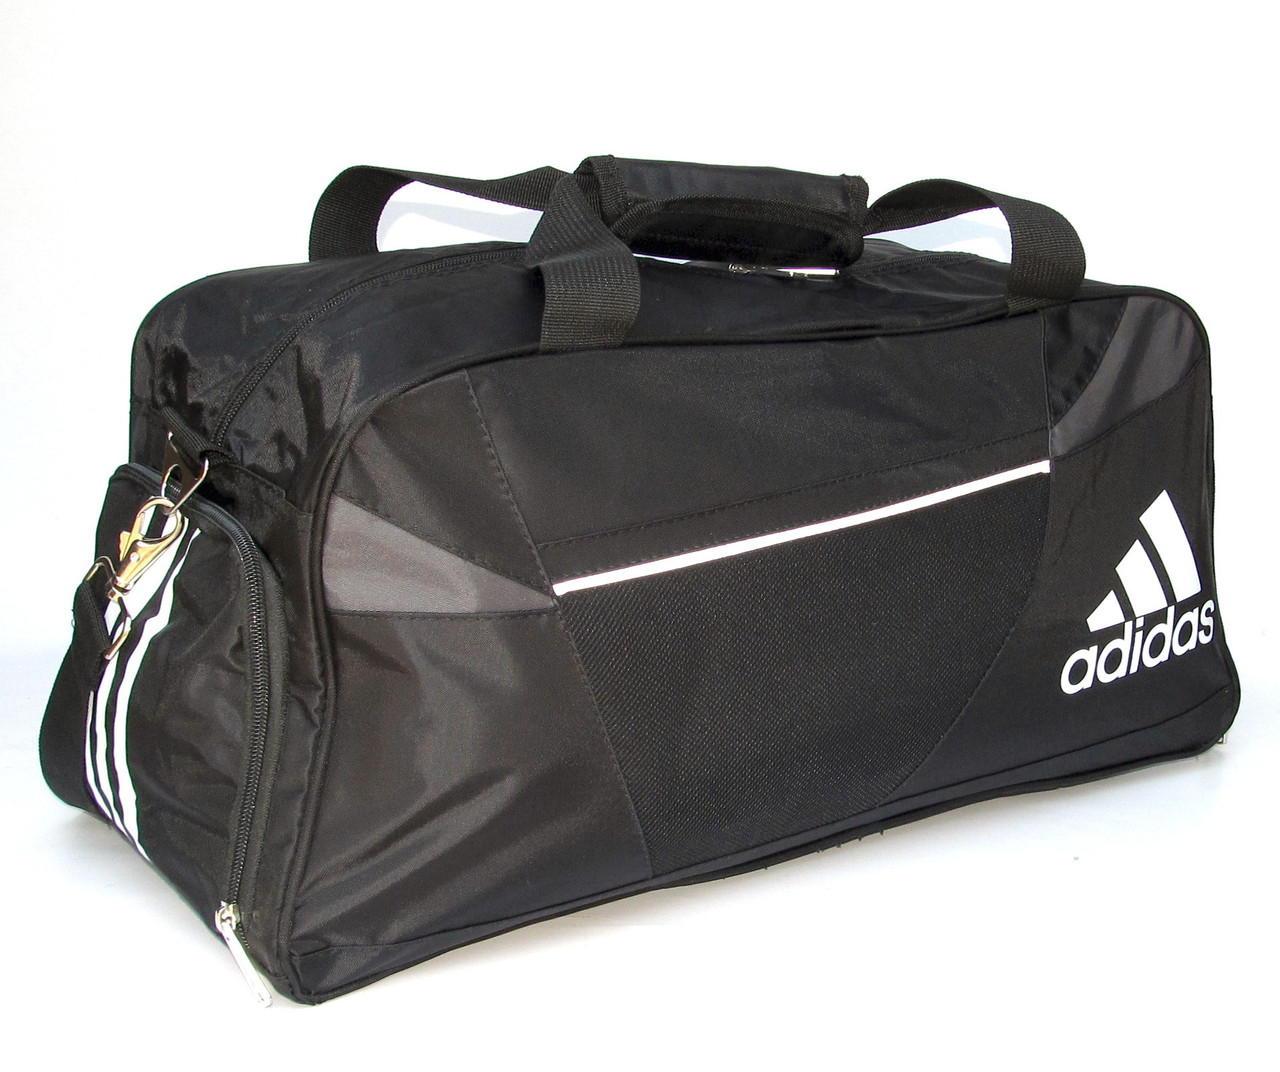 """7b3dce5fb0d4 Купить Спортивную Сумку """"Adidas 1007 A"""" (50 см) по Низкой цене ..."""